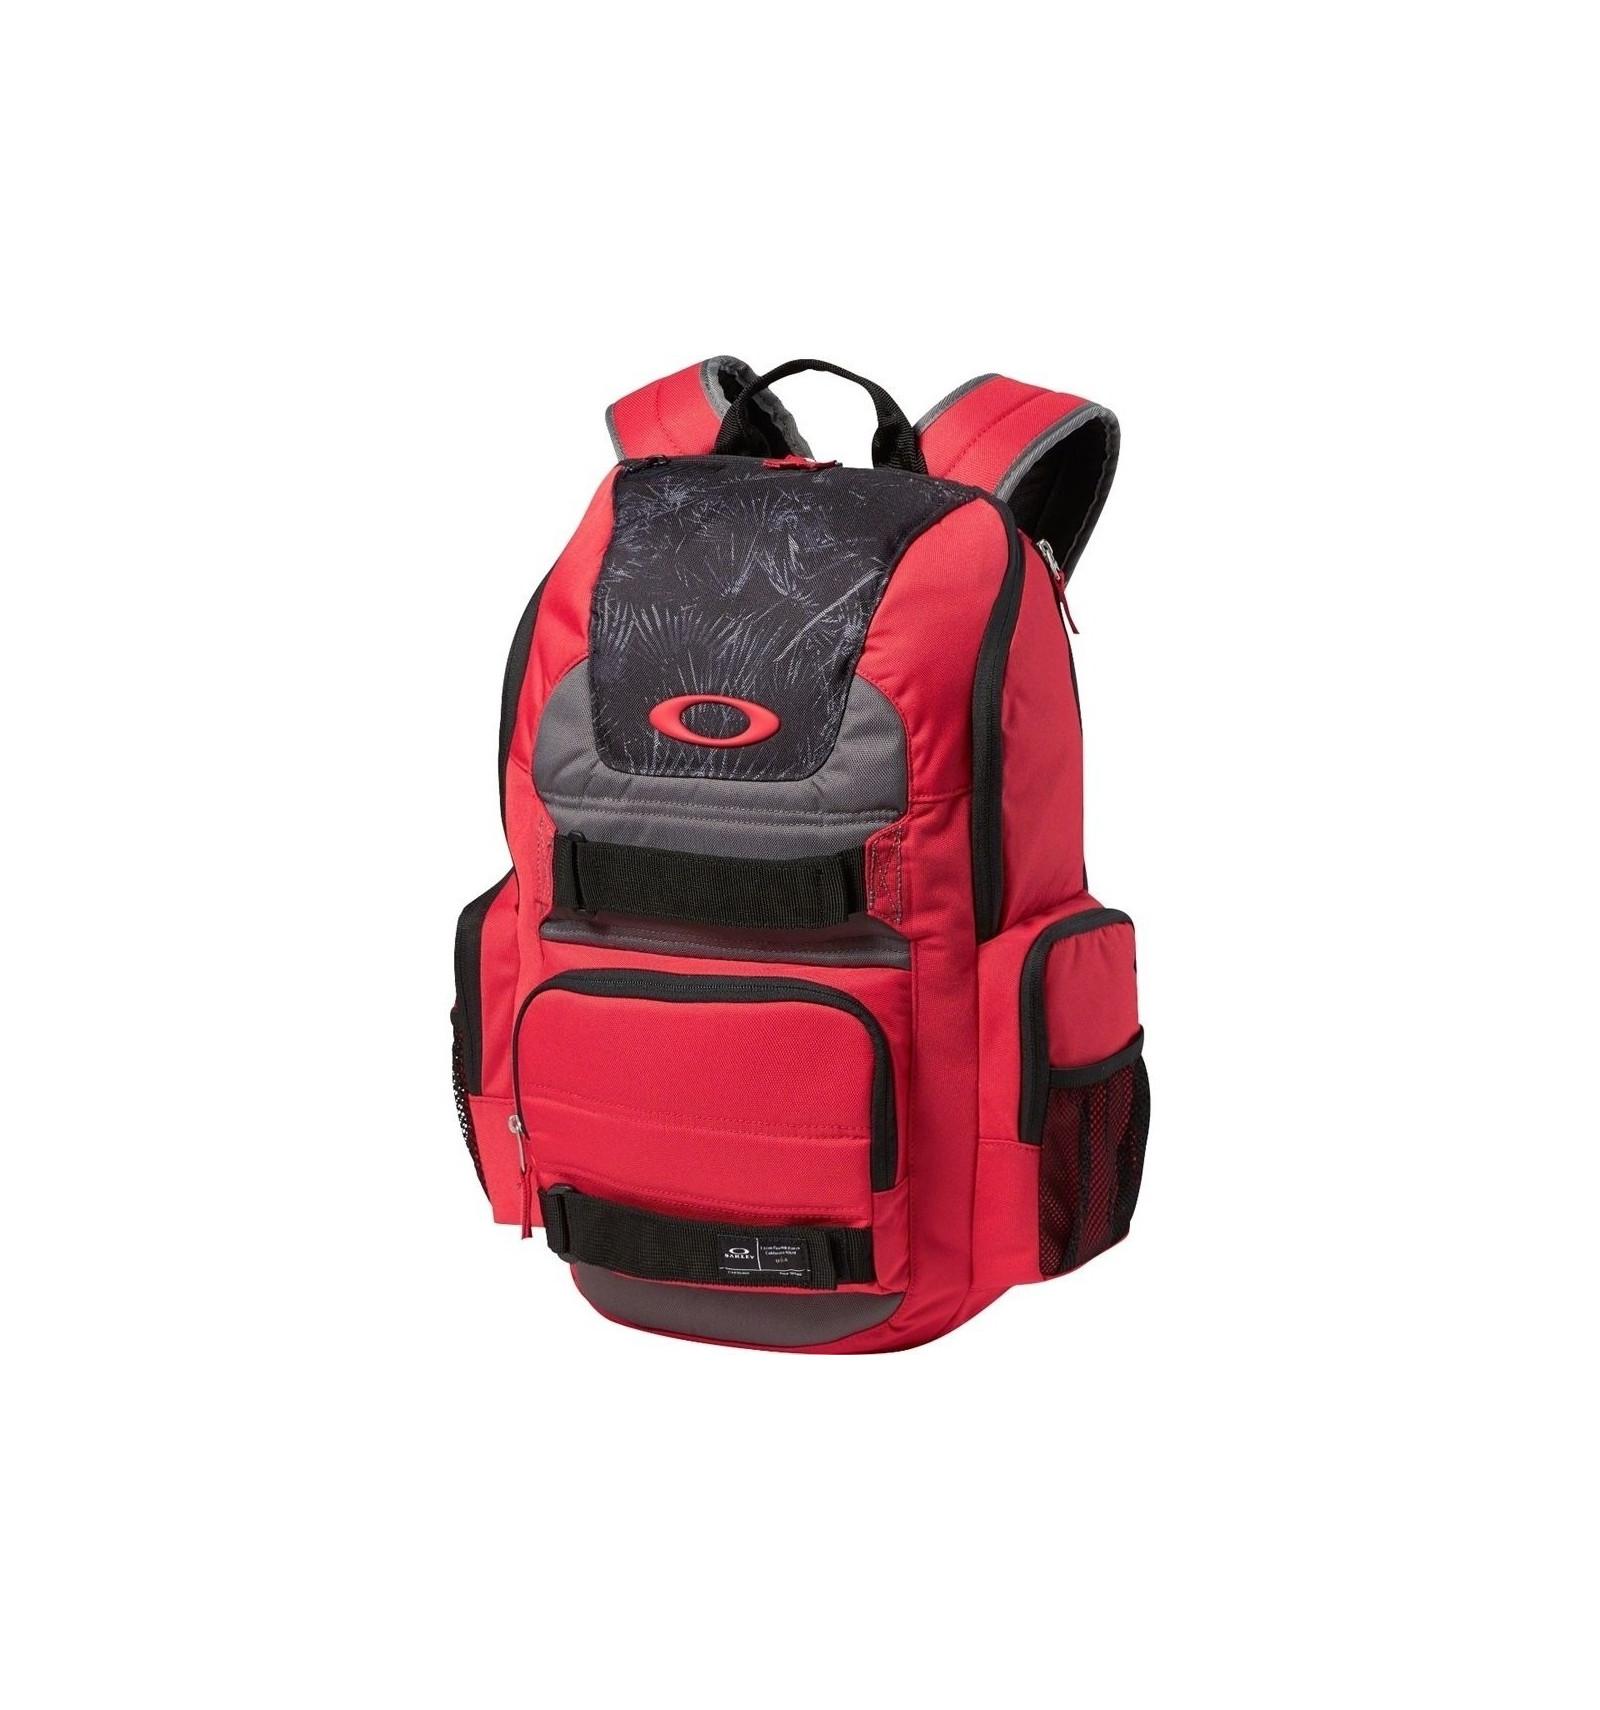 mochila oakley enduro red line capacidad de 25 litros